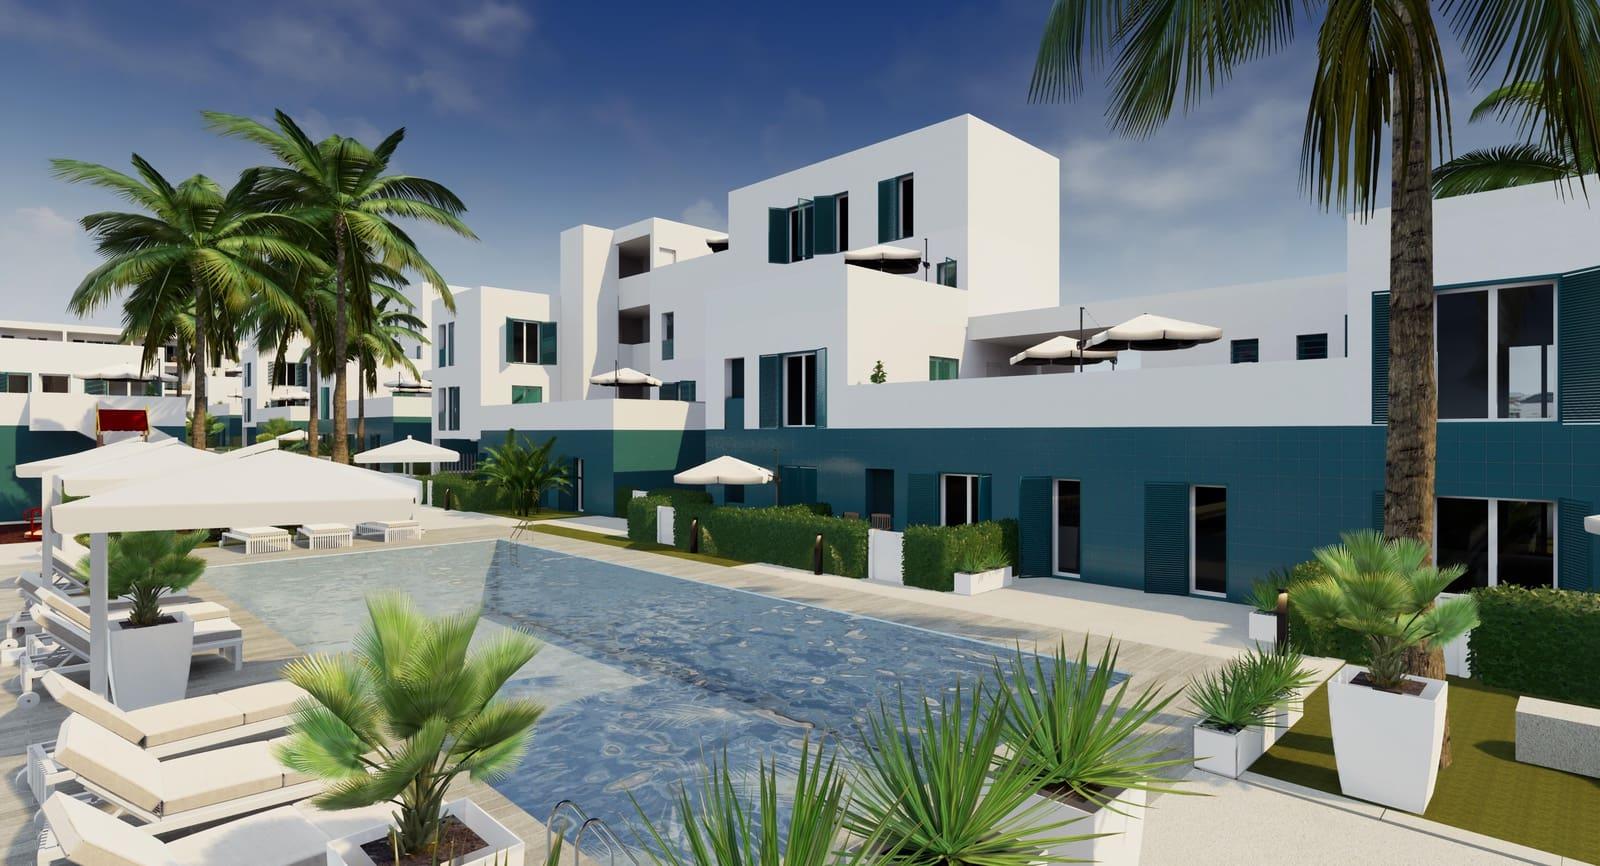 Apartamento de 2 habitaciones en Playa Flamenca en venta con piscina - 165.000 € (Ref: 4755413)